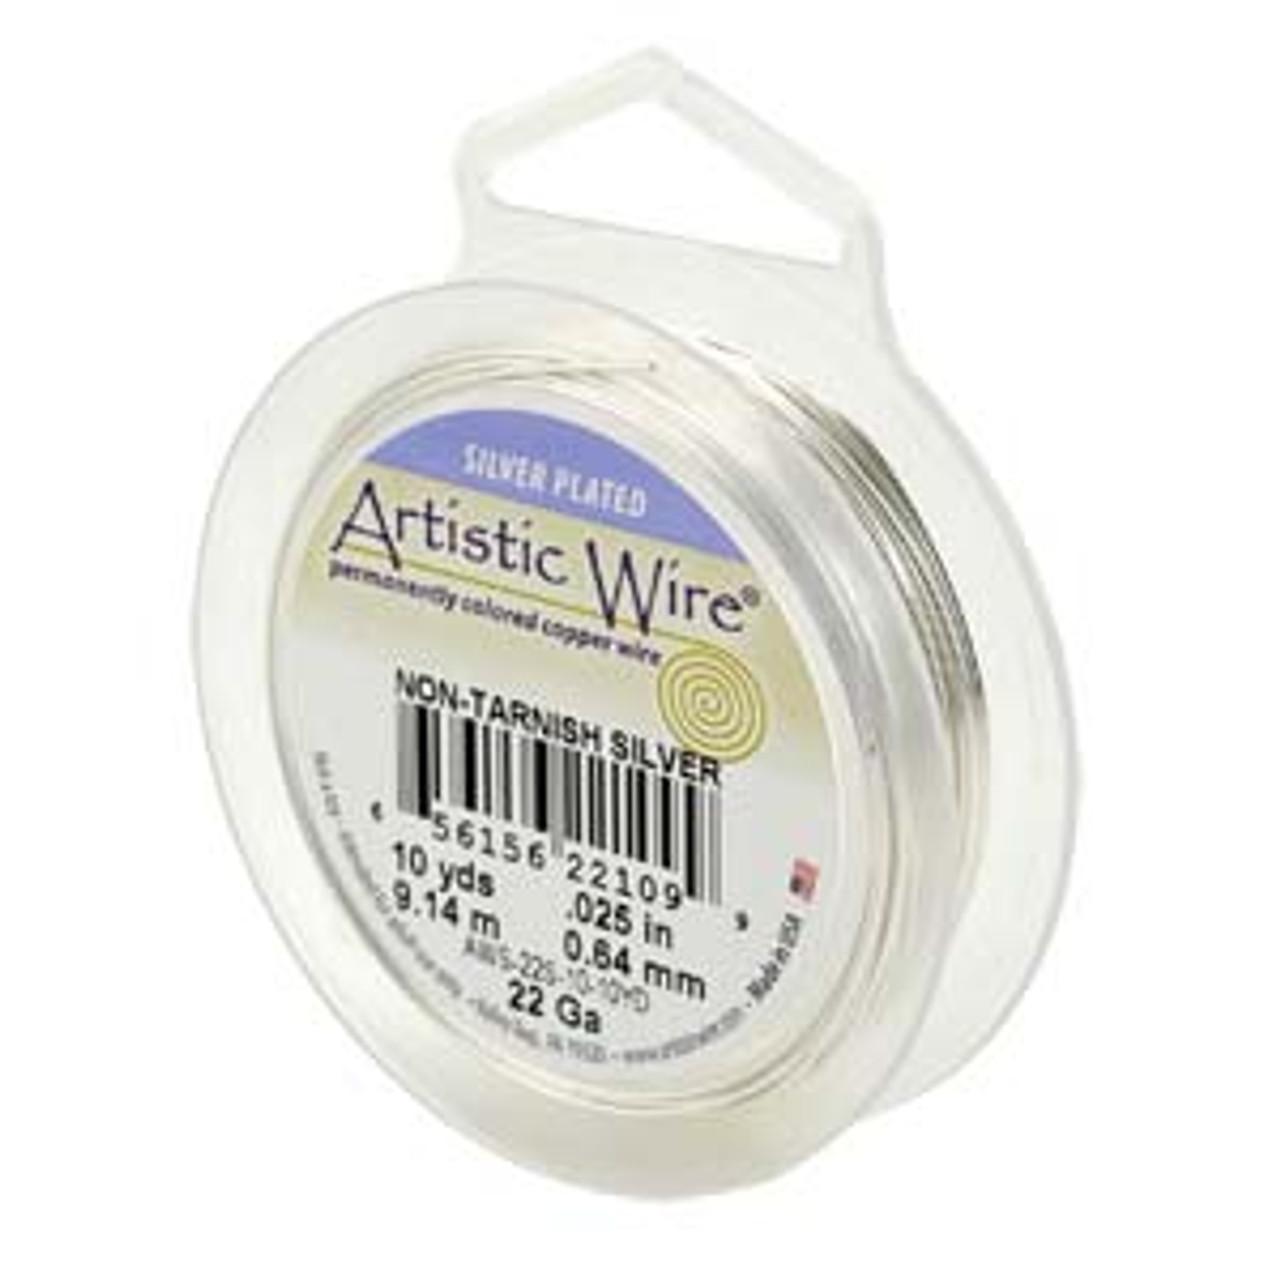 26 Ga. Silver Artistic Wire